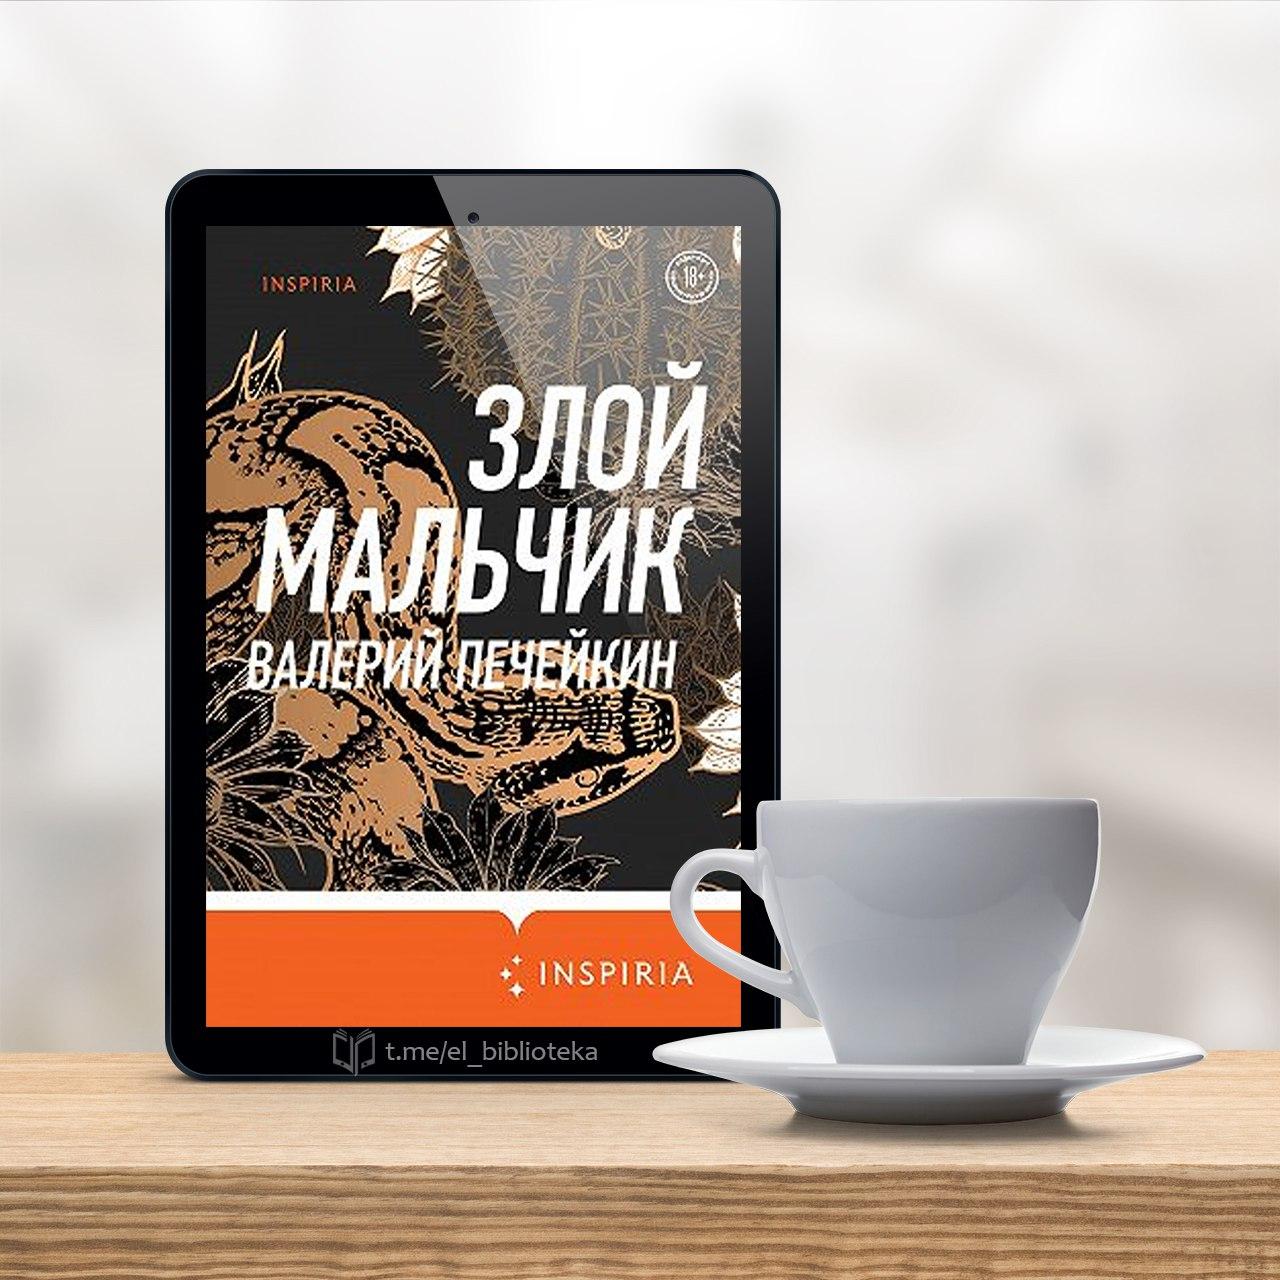  Злой мальчик  Автор:  Печейкин_Валерий  Год издания: 2020  Серия «Loft.